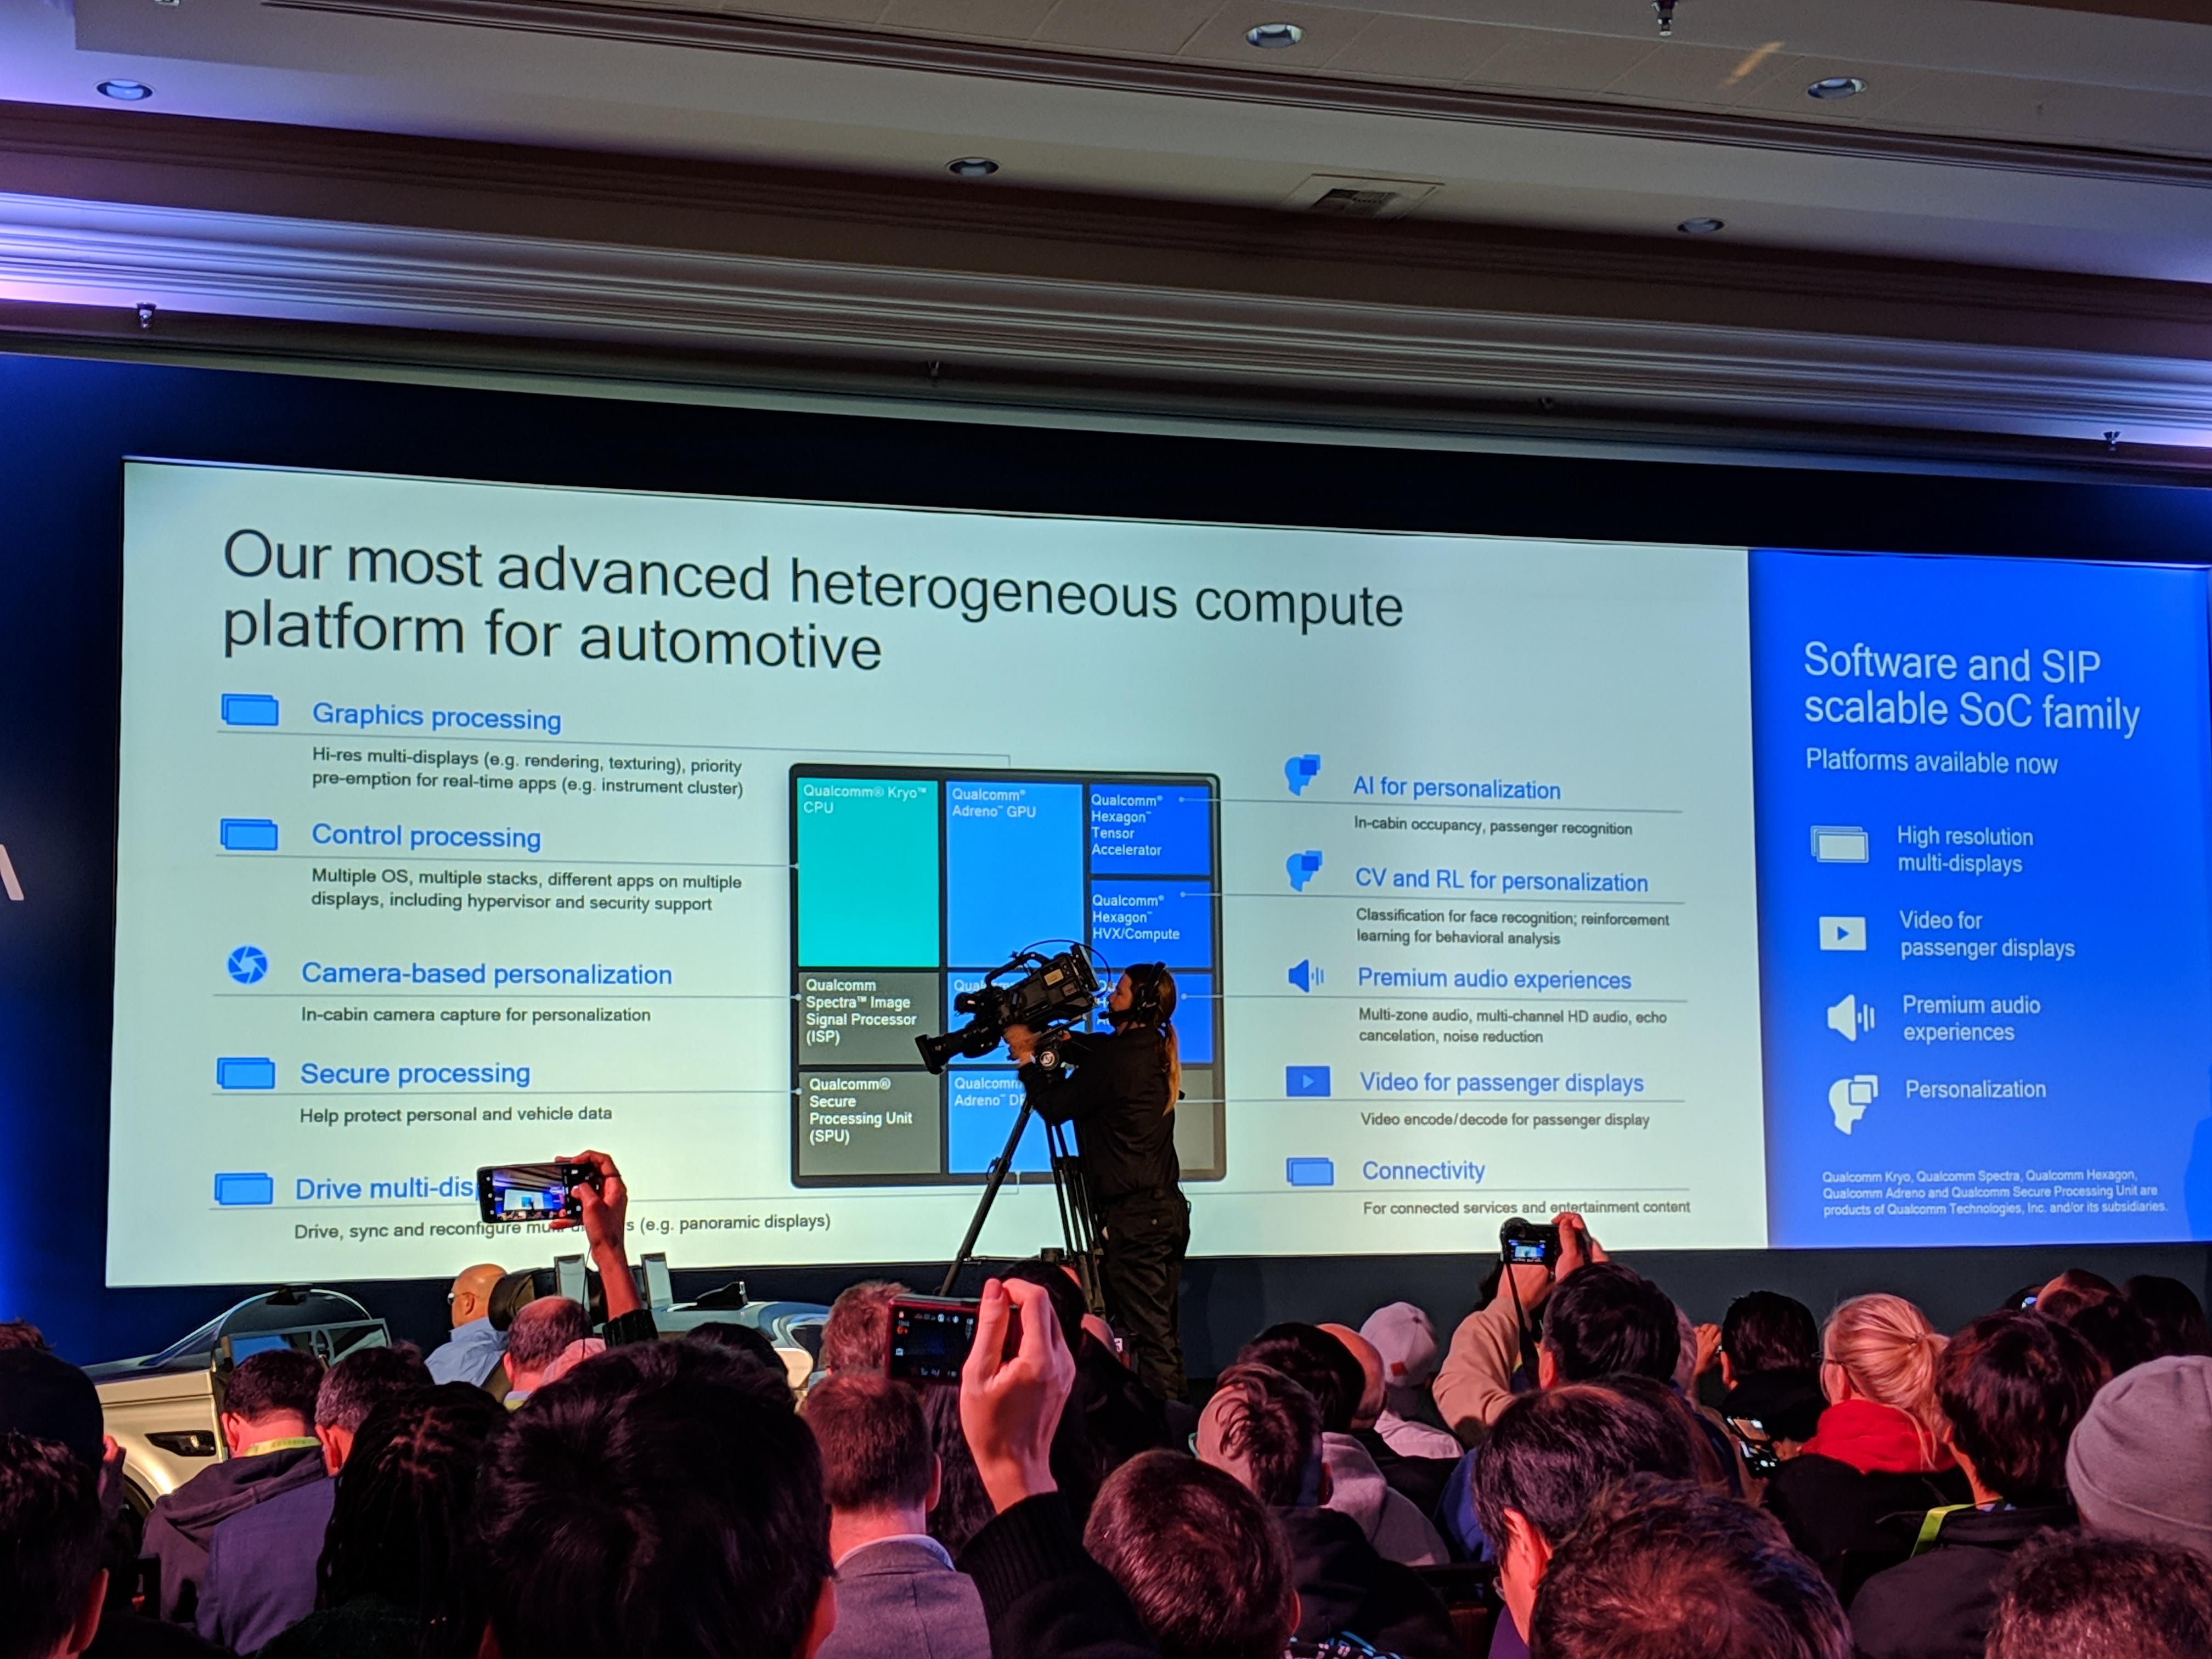 Qualcomm's Cockpit Platform promises to make cars smarter IMG 20190107 123100